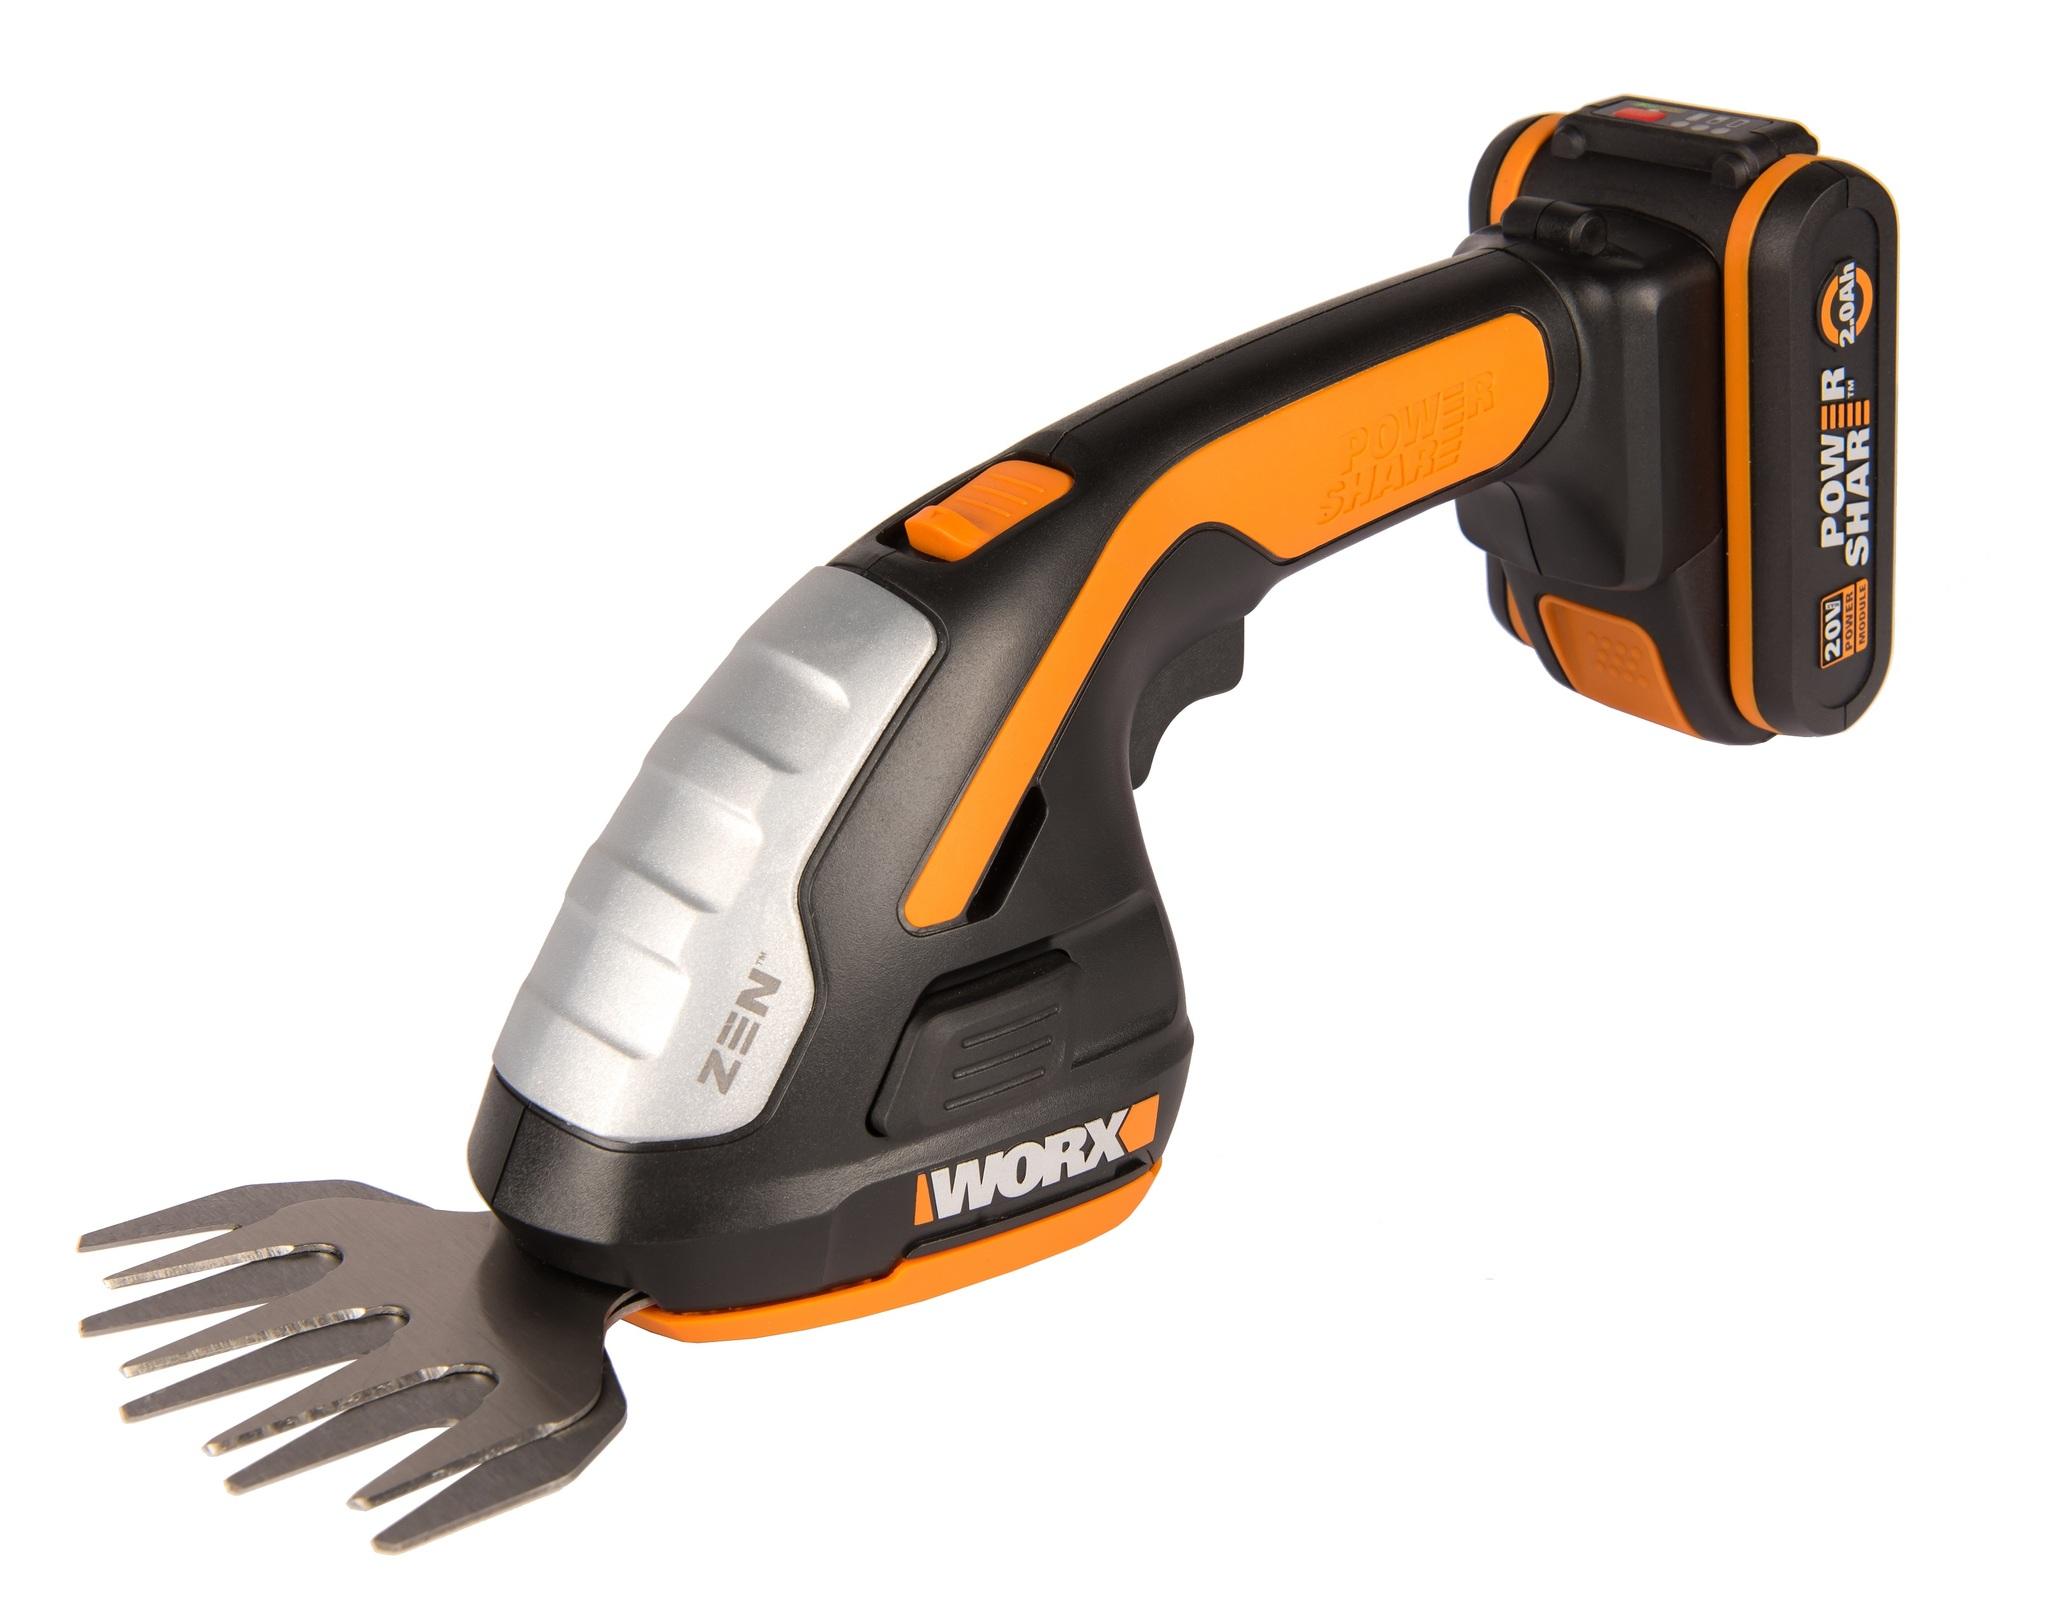 Ножницы для стрижки травы и кустарников WORX WG801E 20В, 2Ач х1 и ЗУ, коробка